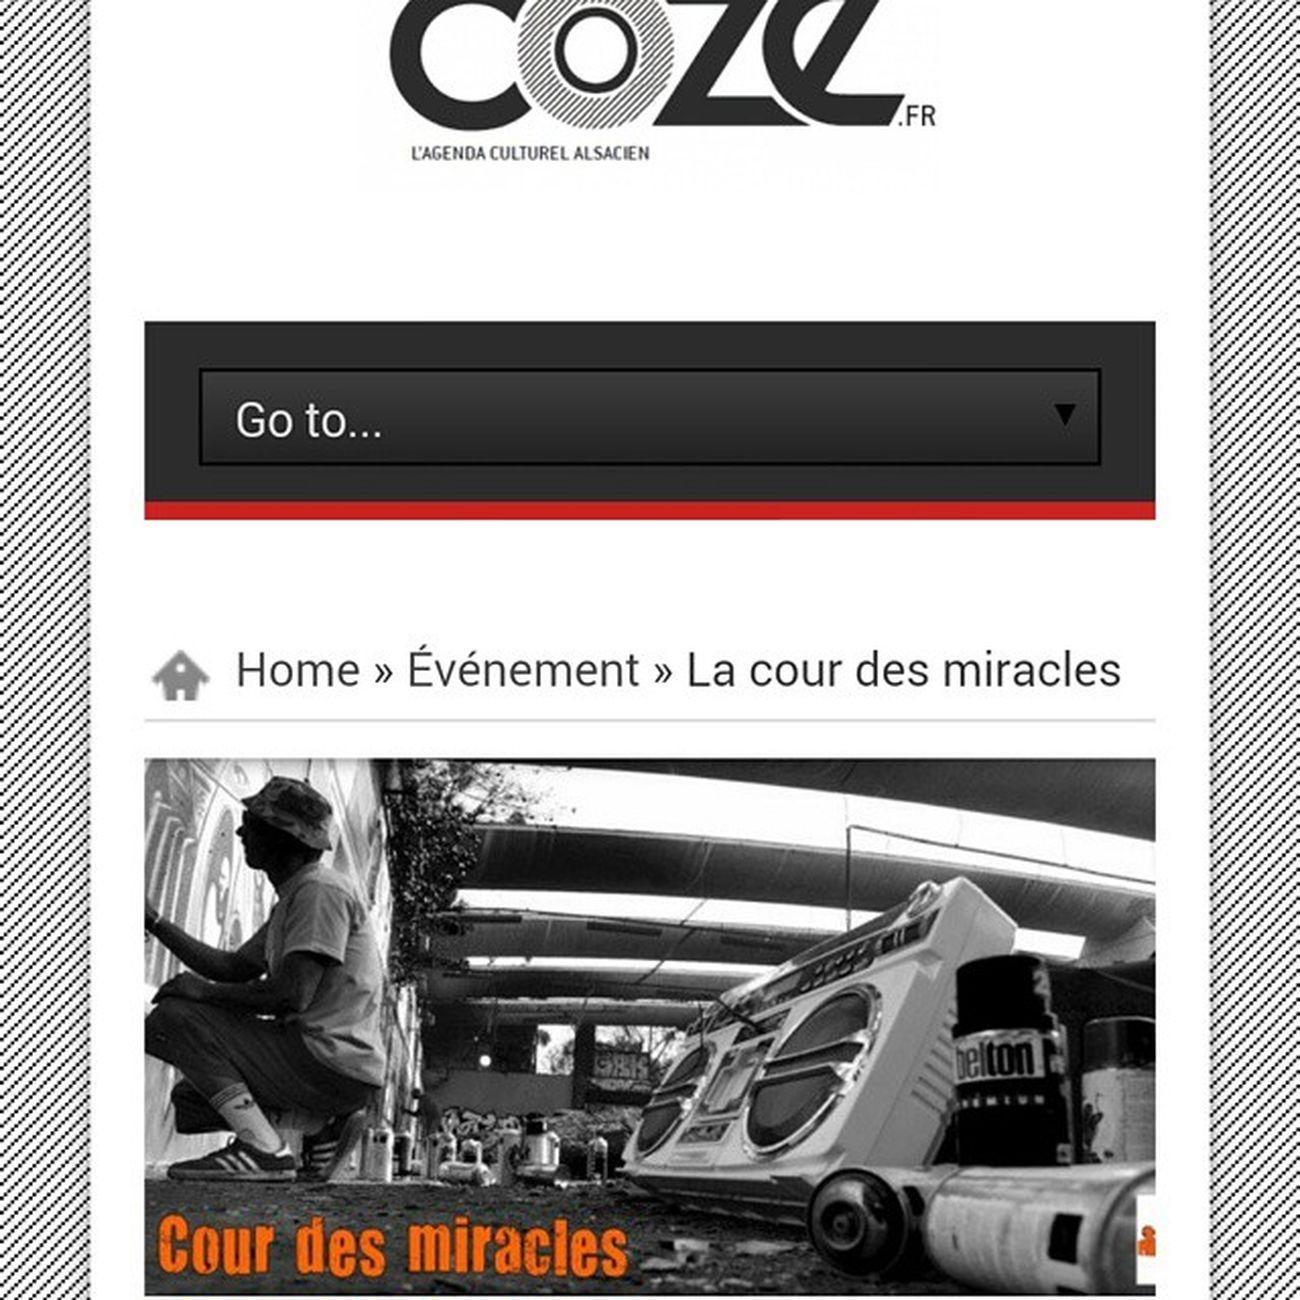 """On en """"Coze"""" Expo Graffiti Graffiti Graffitiwall Photo Strasbourg Dj Bodypaint le 25 juin à 19h Mapremiereexpo"""